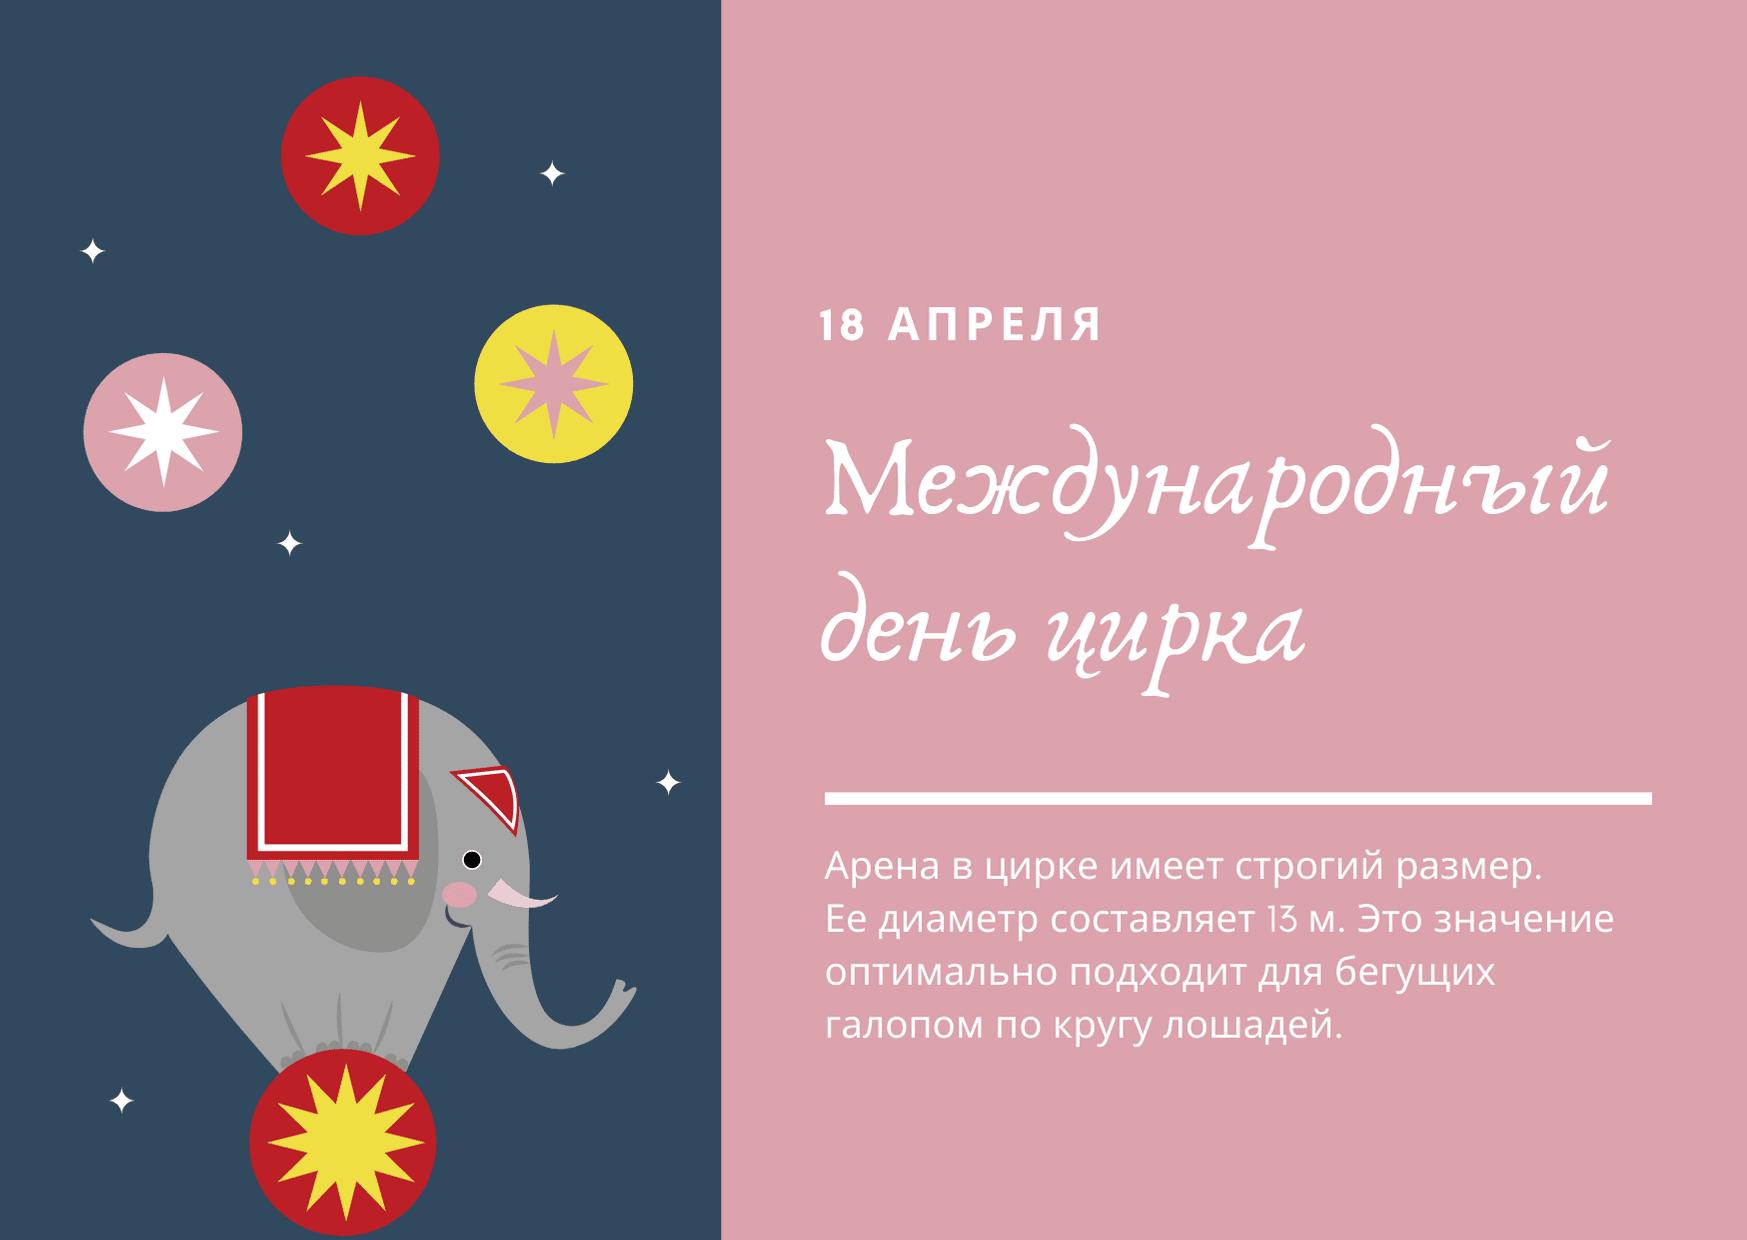 Международный день цирка. 18 апреля